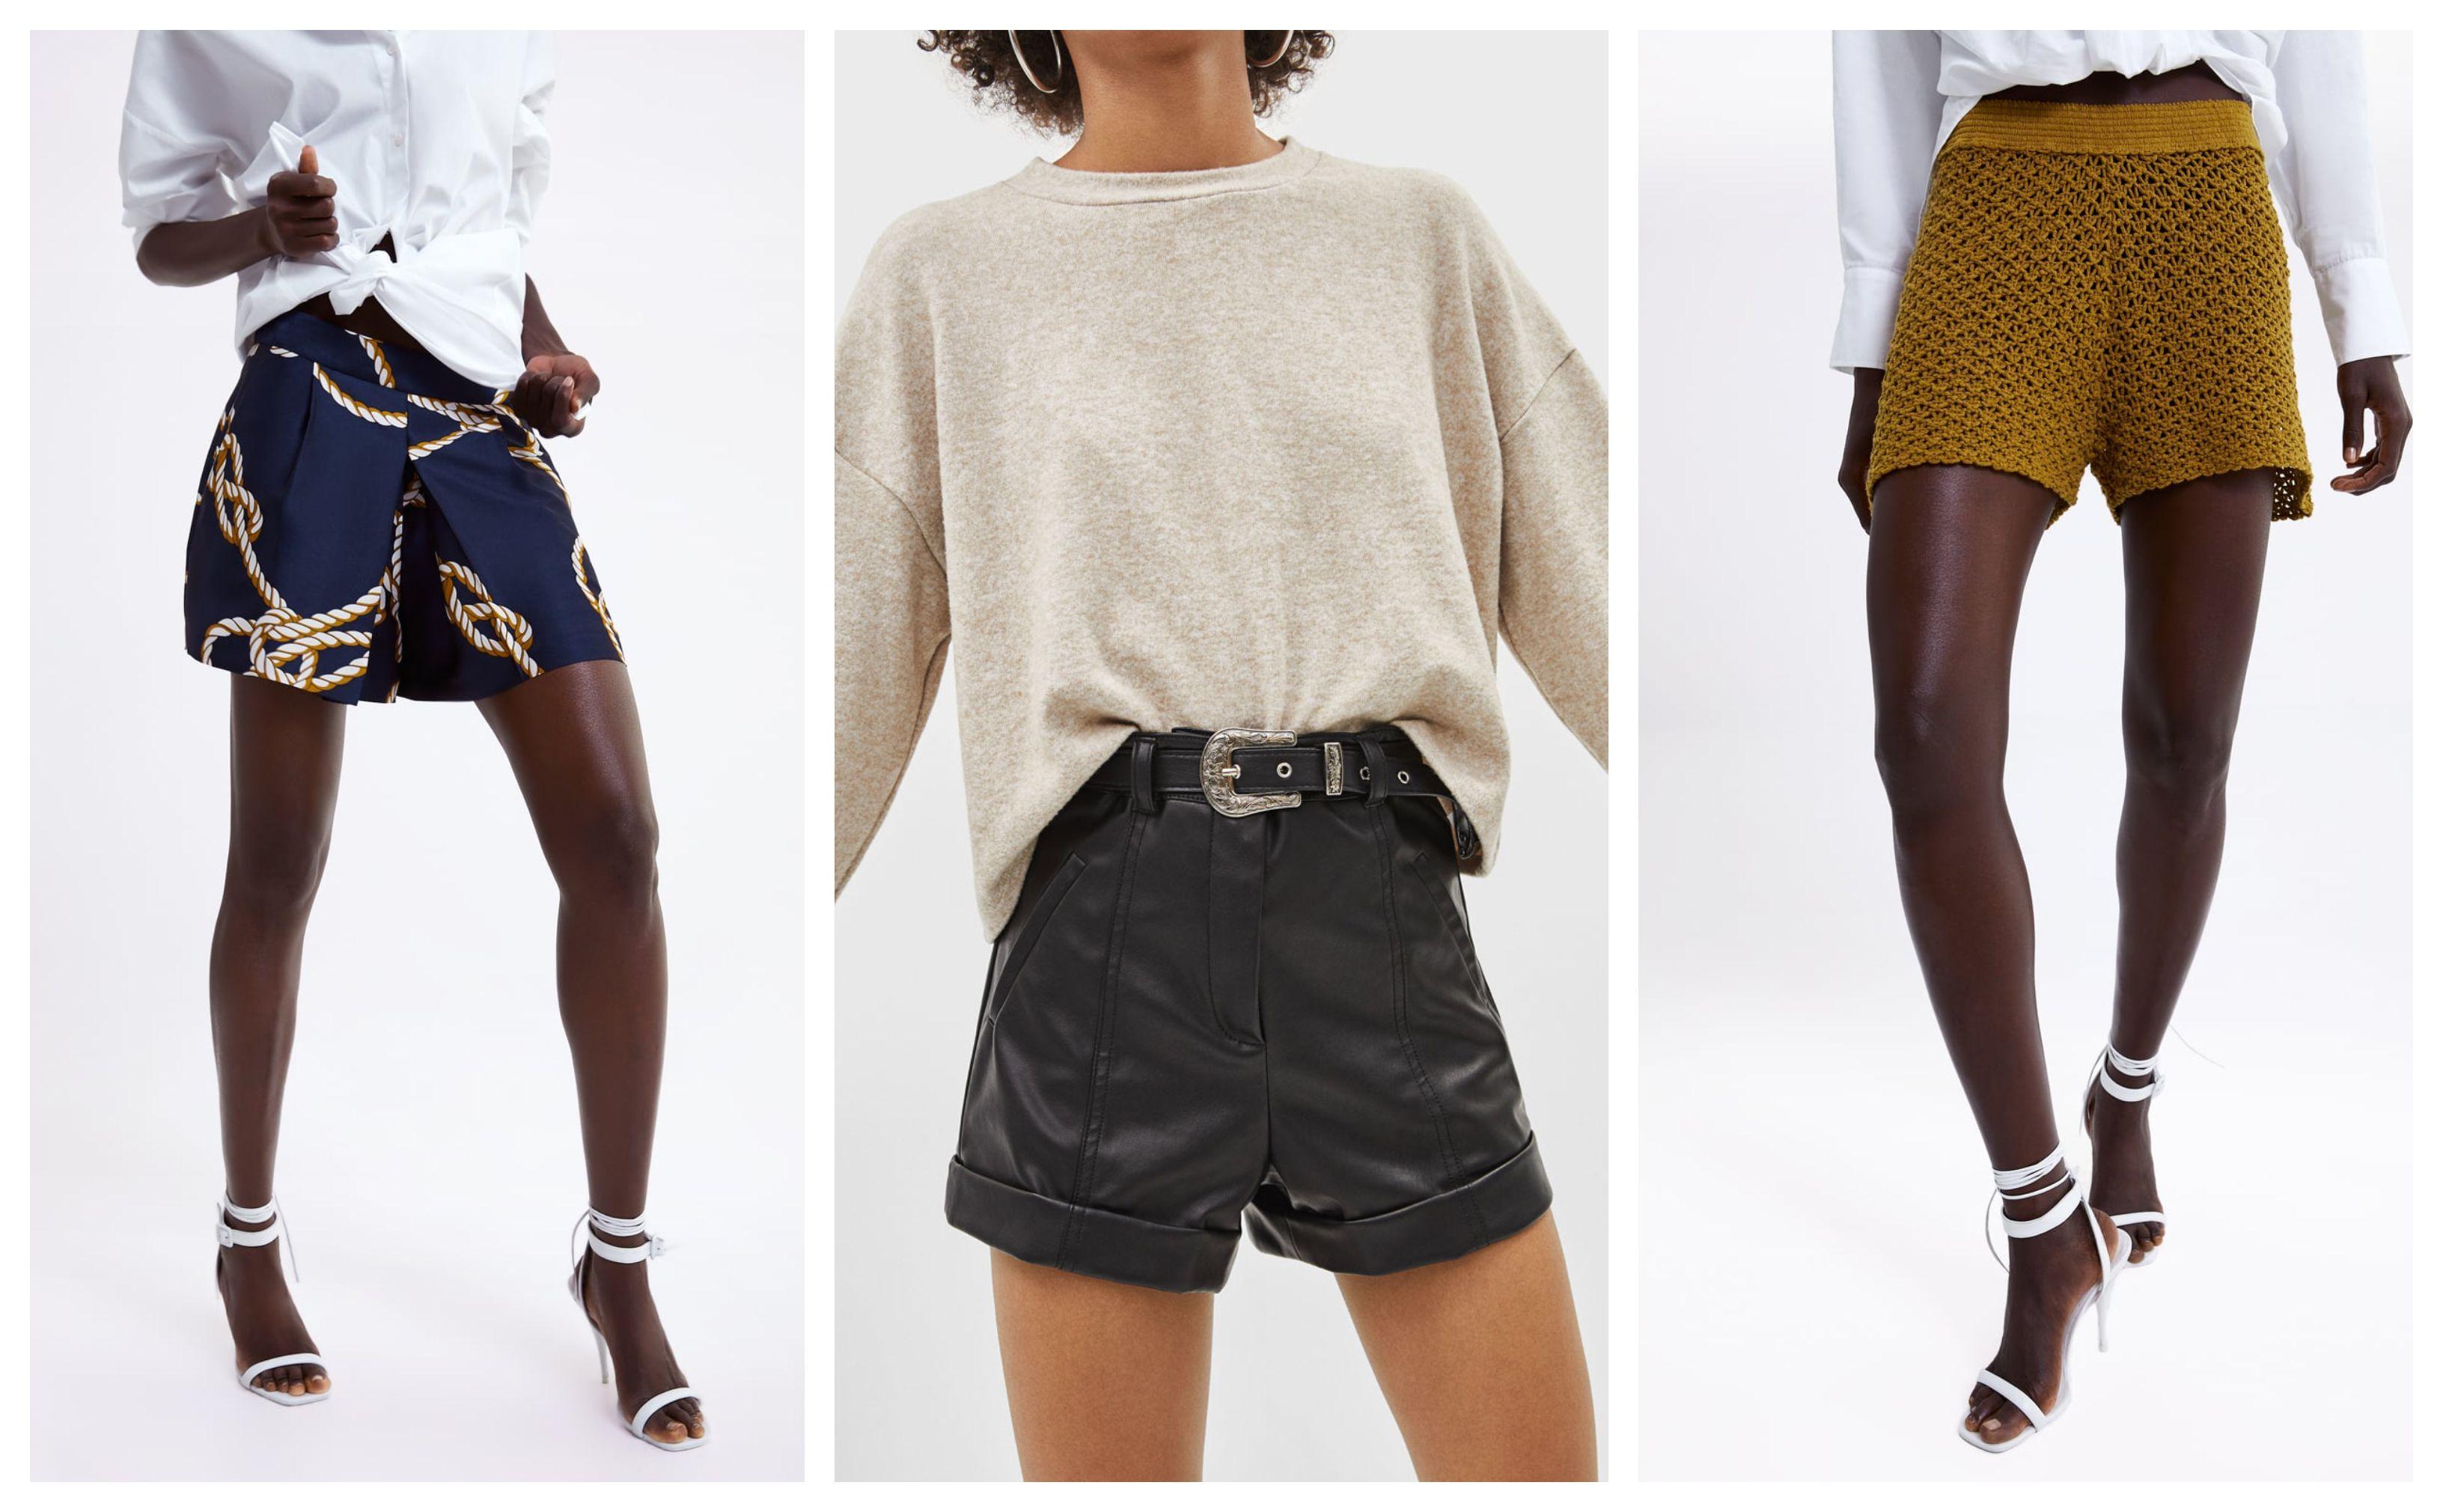 Tko je rekao da je rano za kratke hlače? Ovi modeli odlično će izgledati uz grilonke!